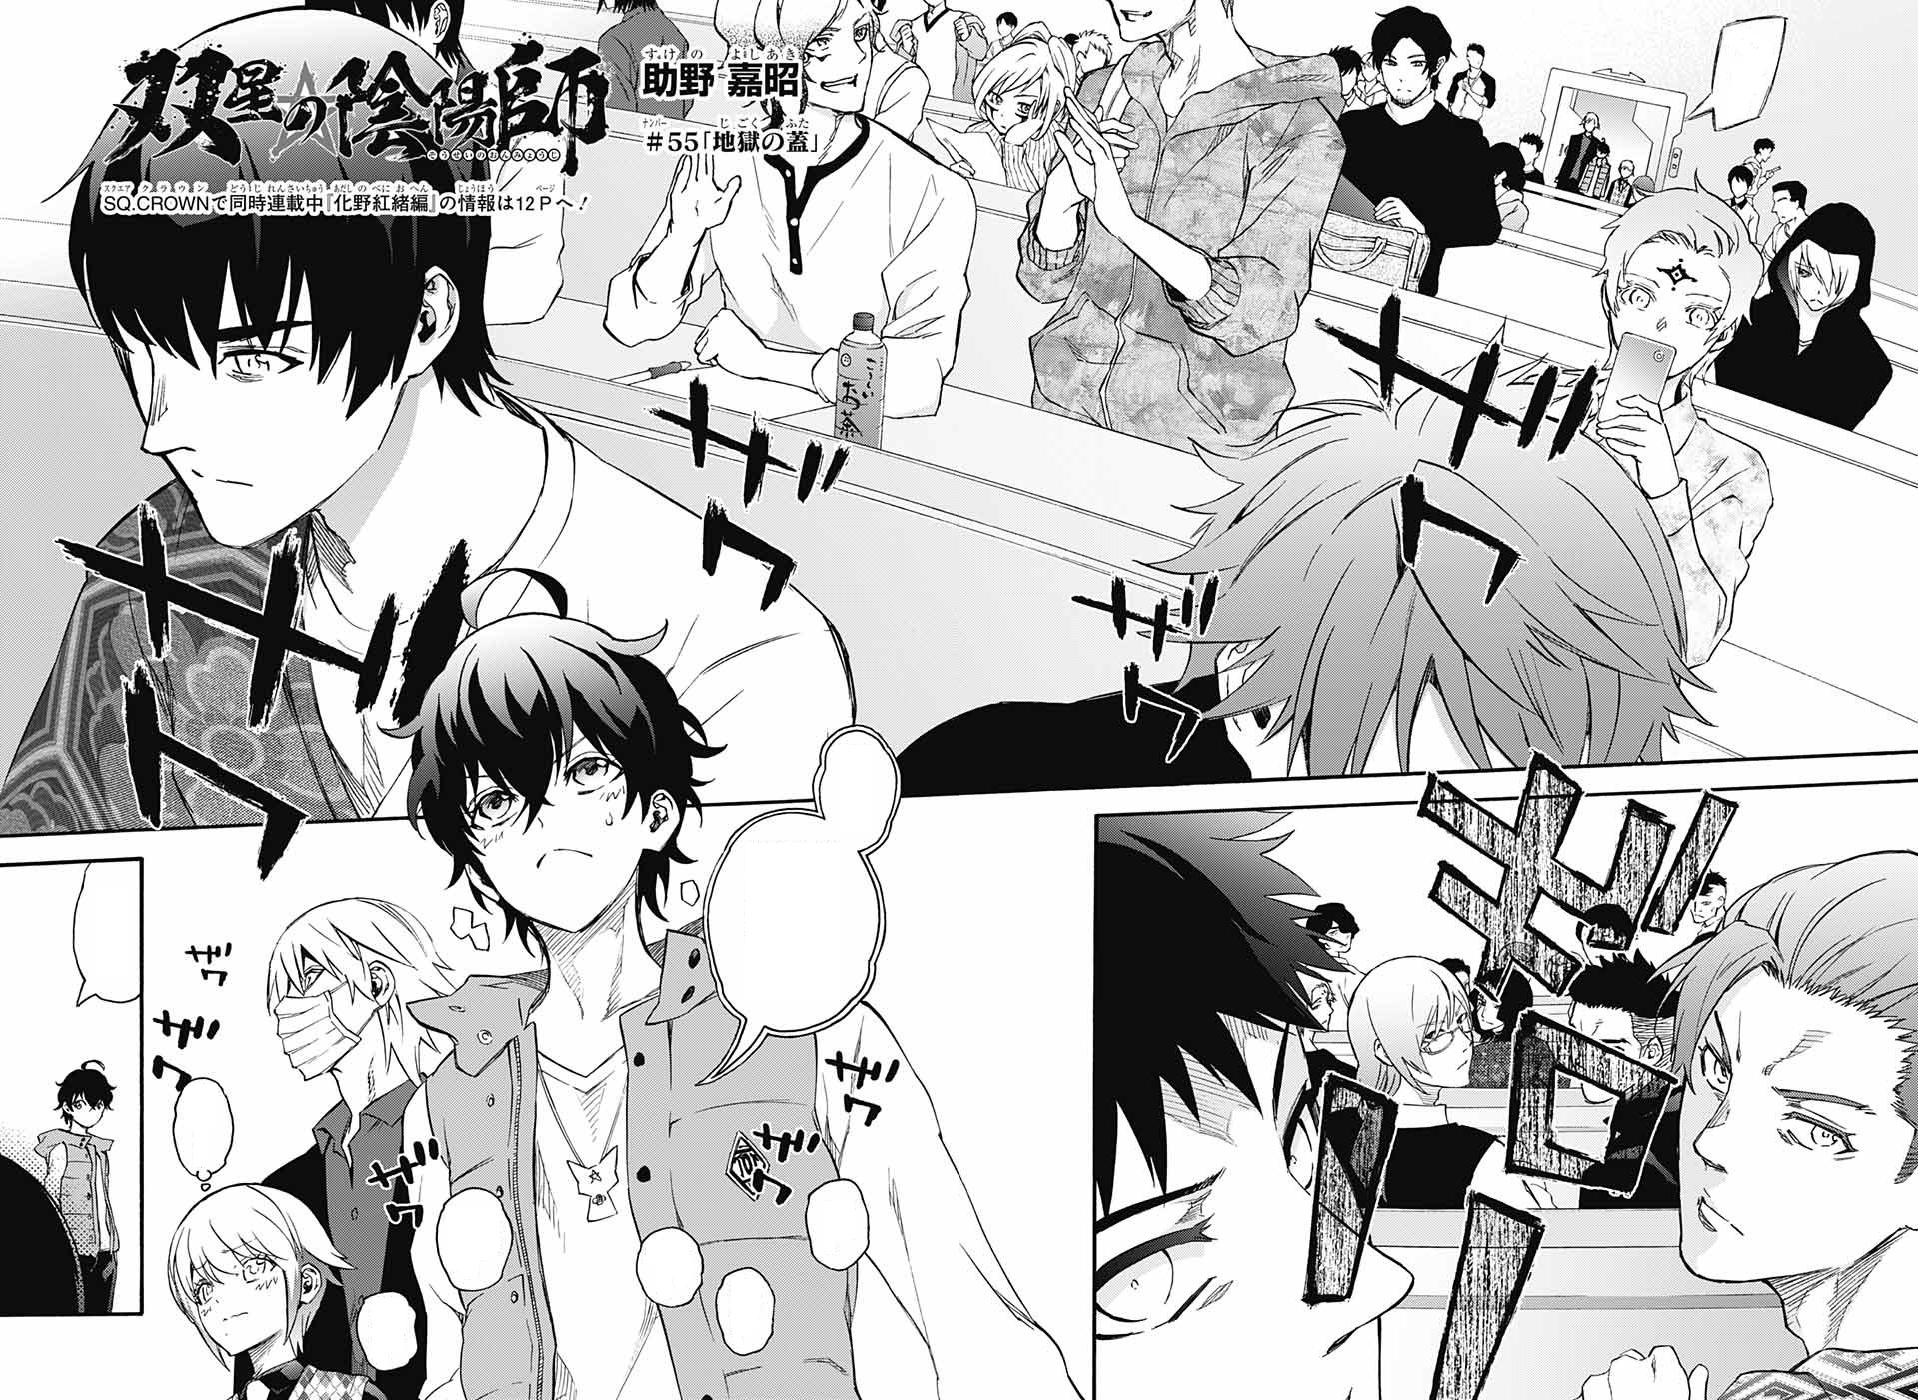 Manga about twins dating twins